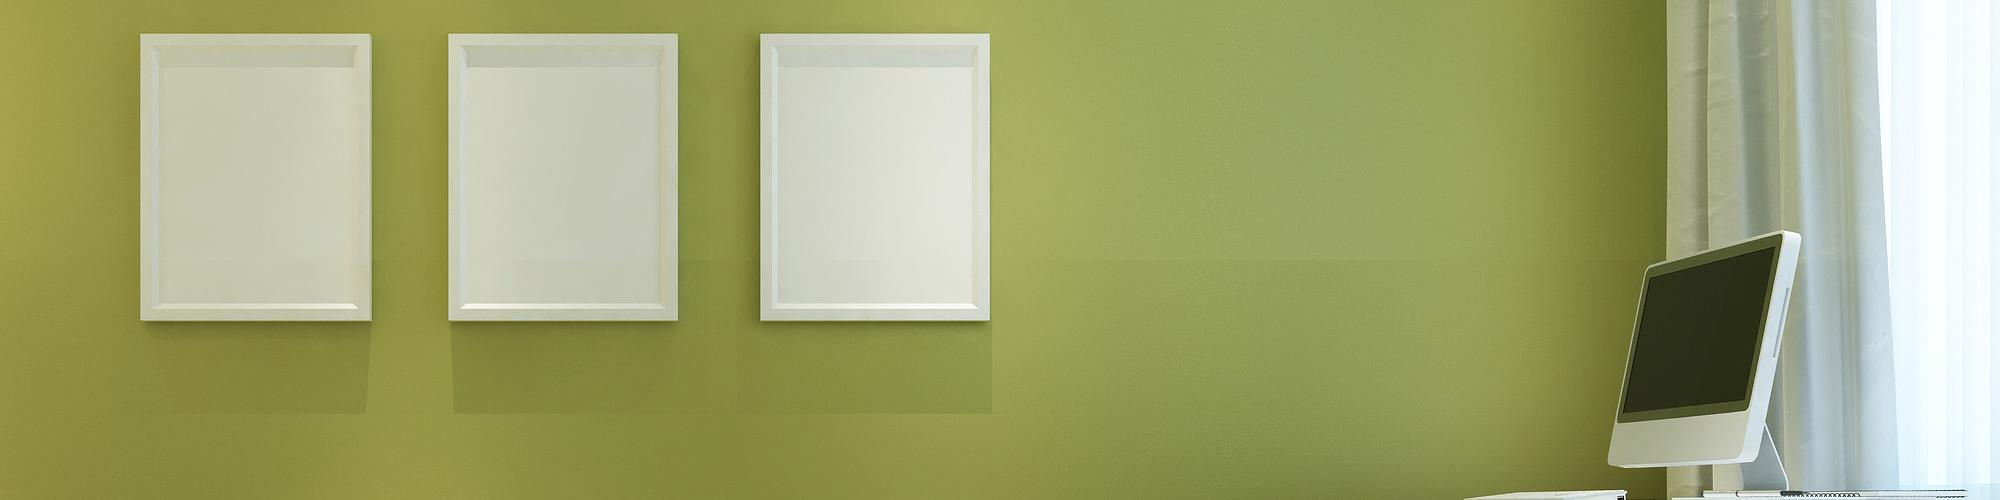 groen muur verven